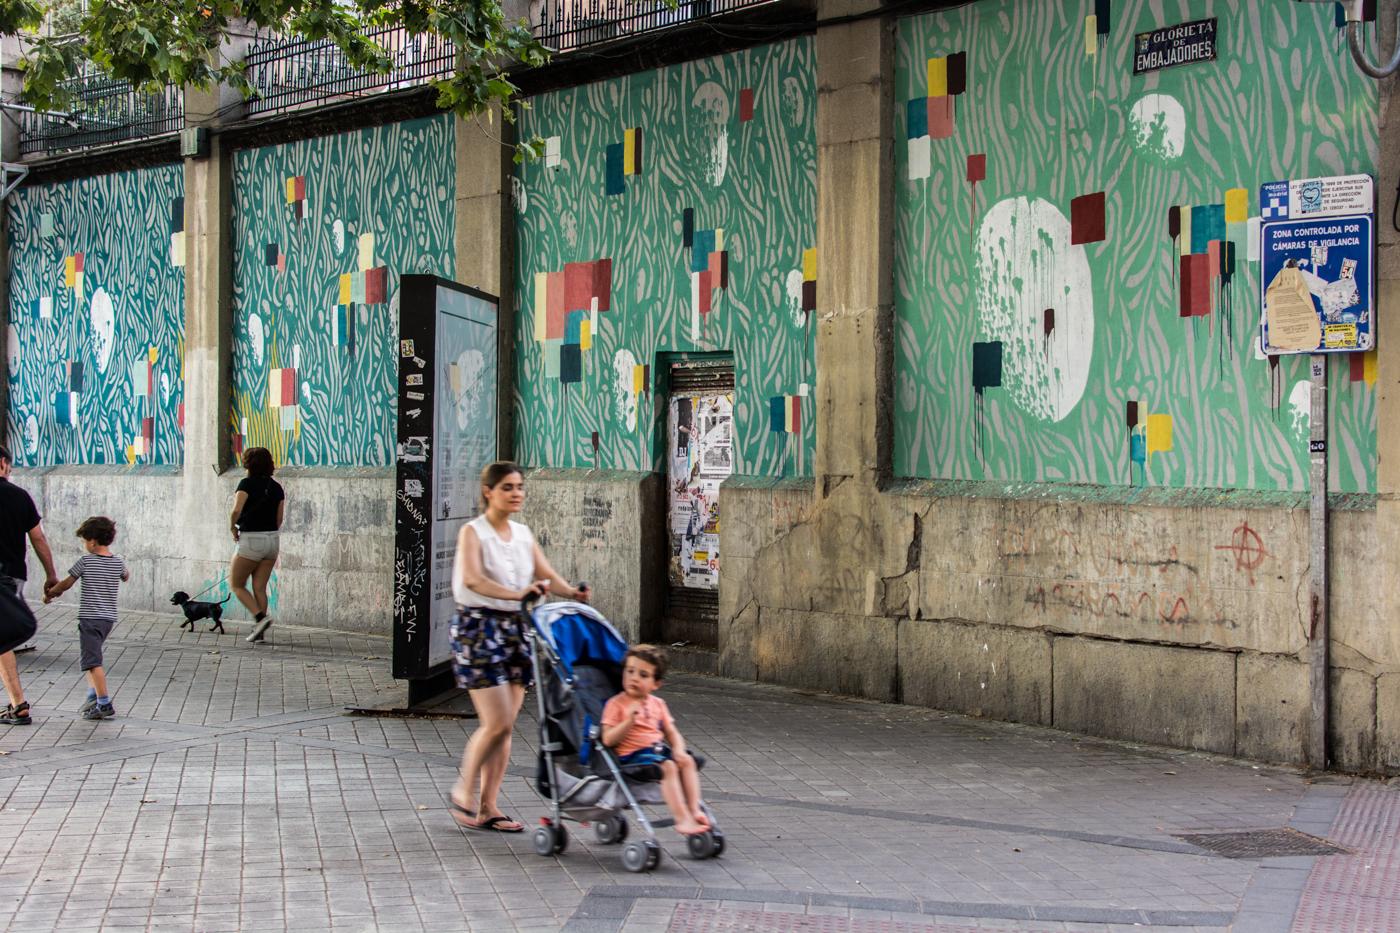 Tellas final - MurosTabacalera by Guillermo de la Madrid - Madrid Street Art Project -0640.jpg